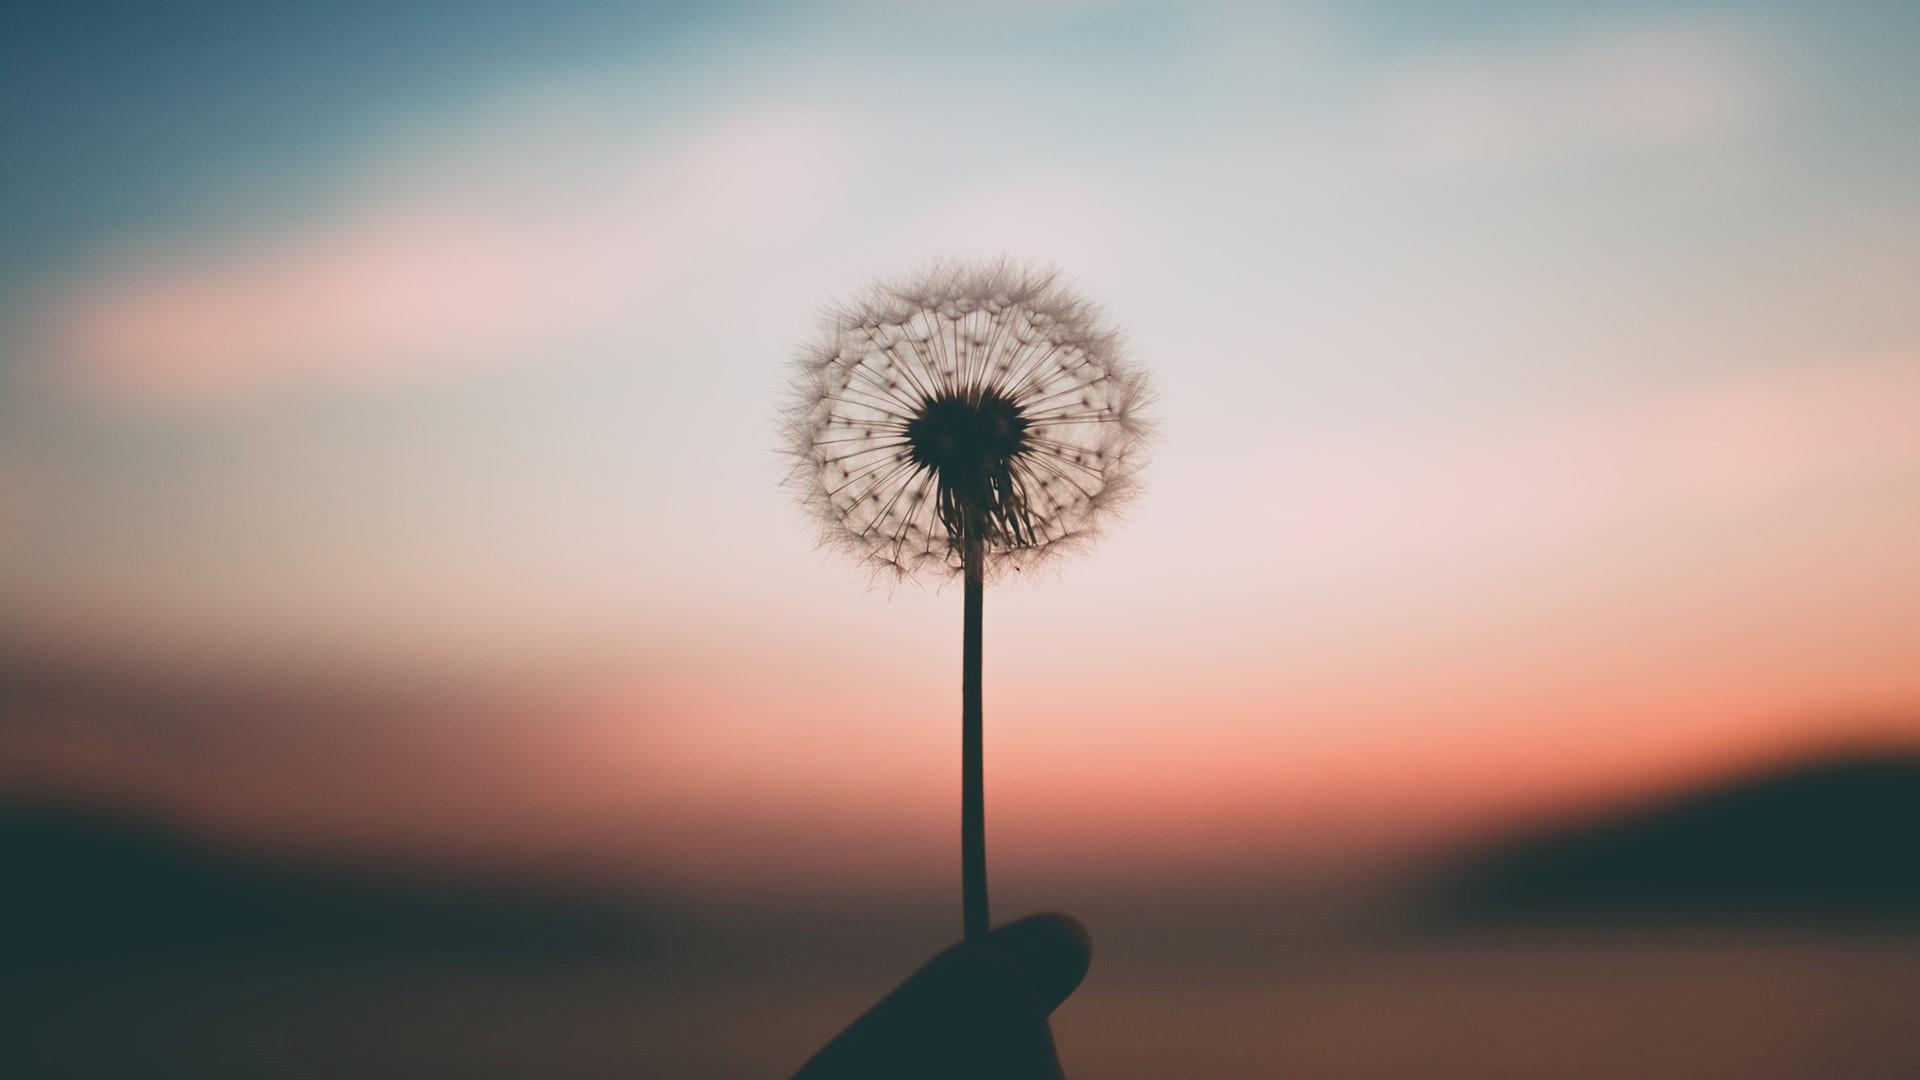 Wendy Wordt Wijzer – mediteren en sorteren